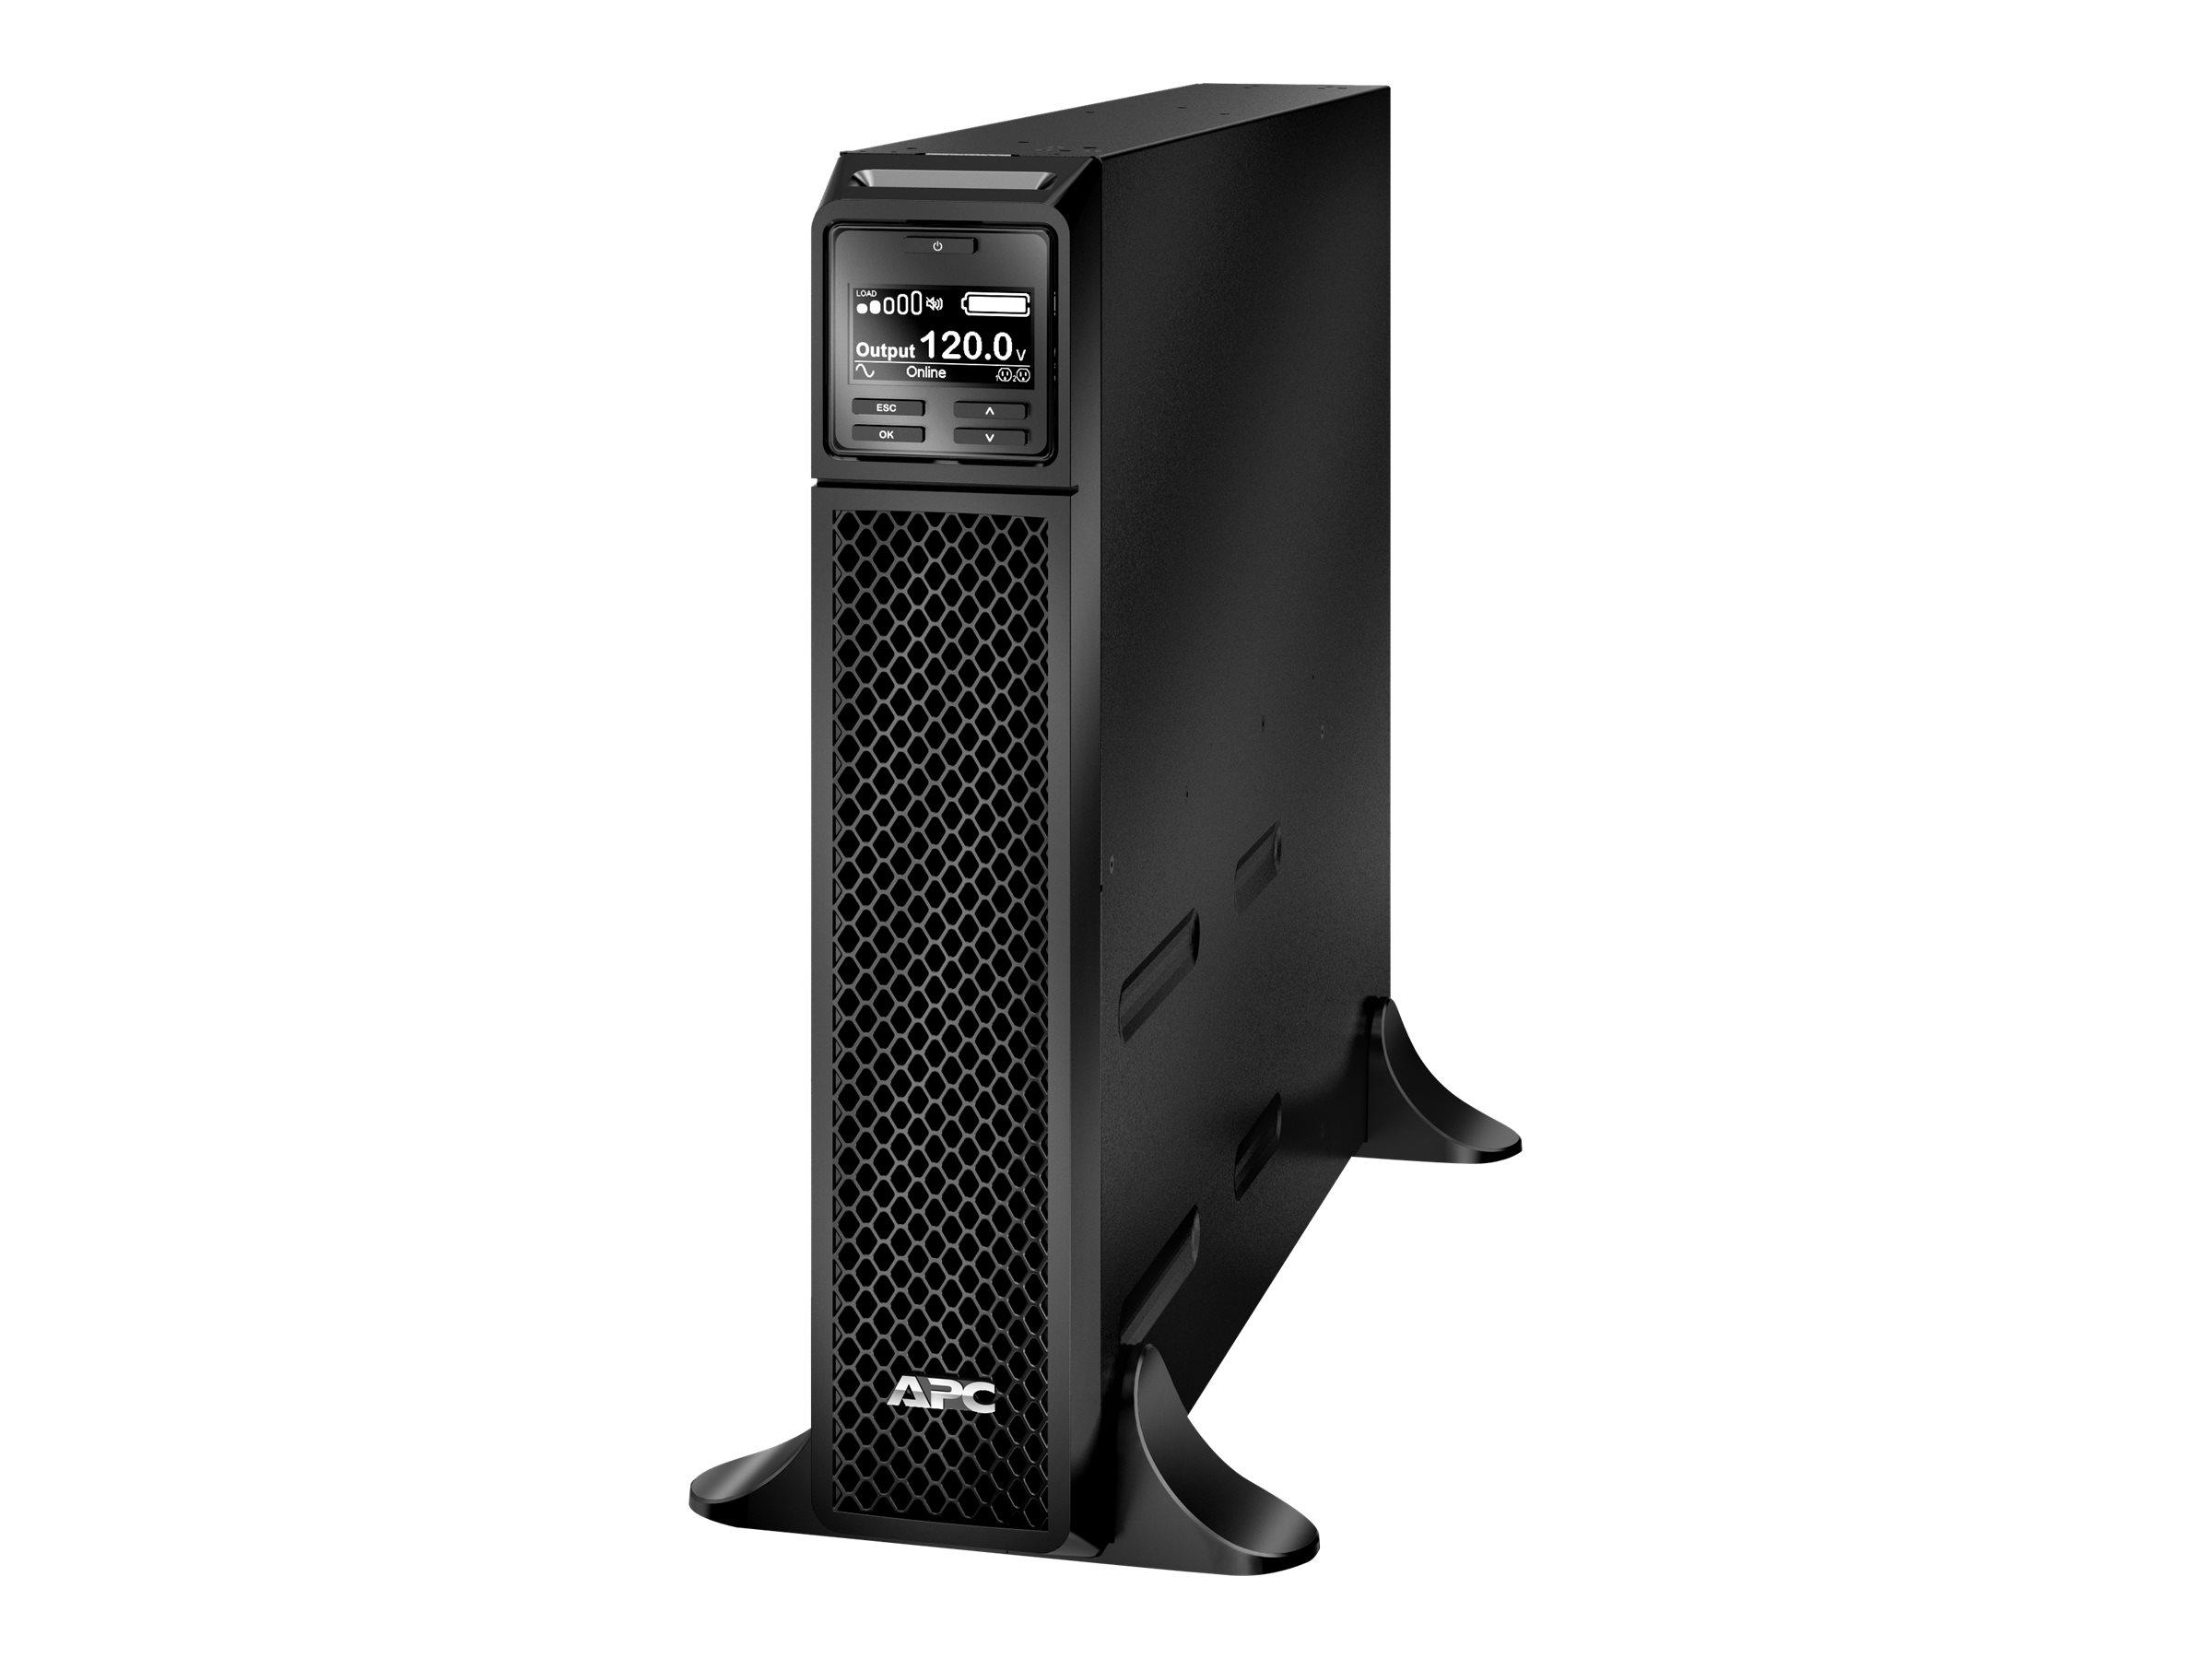 APC Smart-UPS SRT 1500VA - UPS - 1.35 kW - 1500 VA